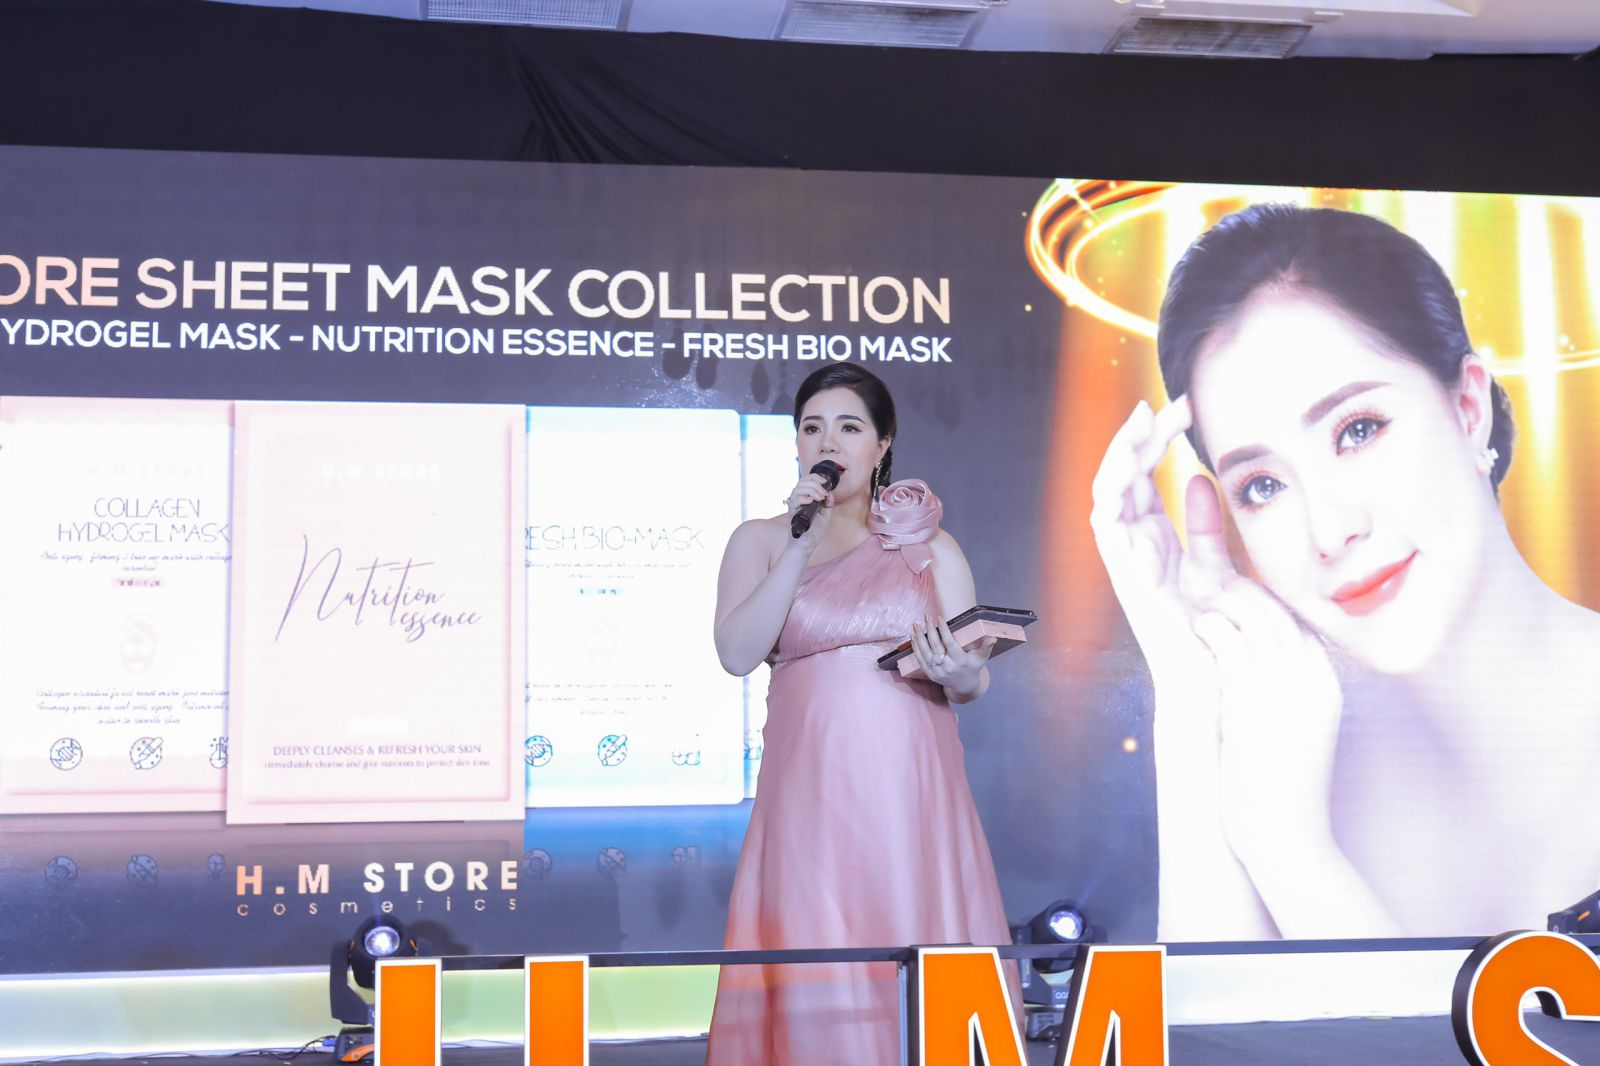 HM Store ra mắt dòng sản phẩm mặt nạ mới Sheet Mask Set - Ảnh 4